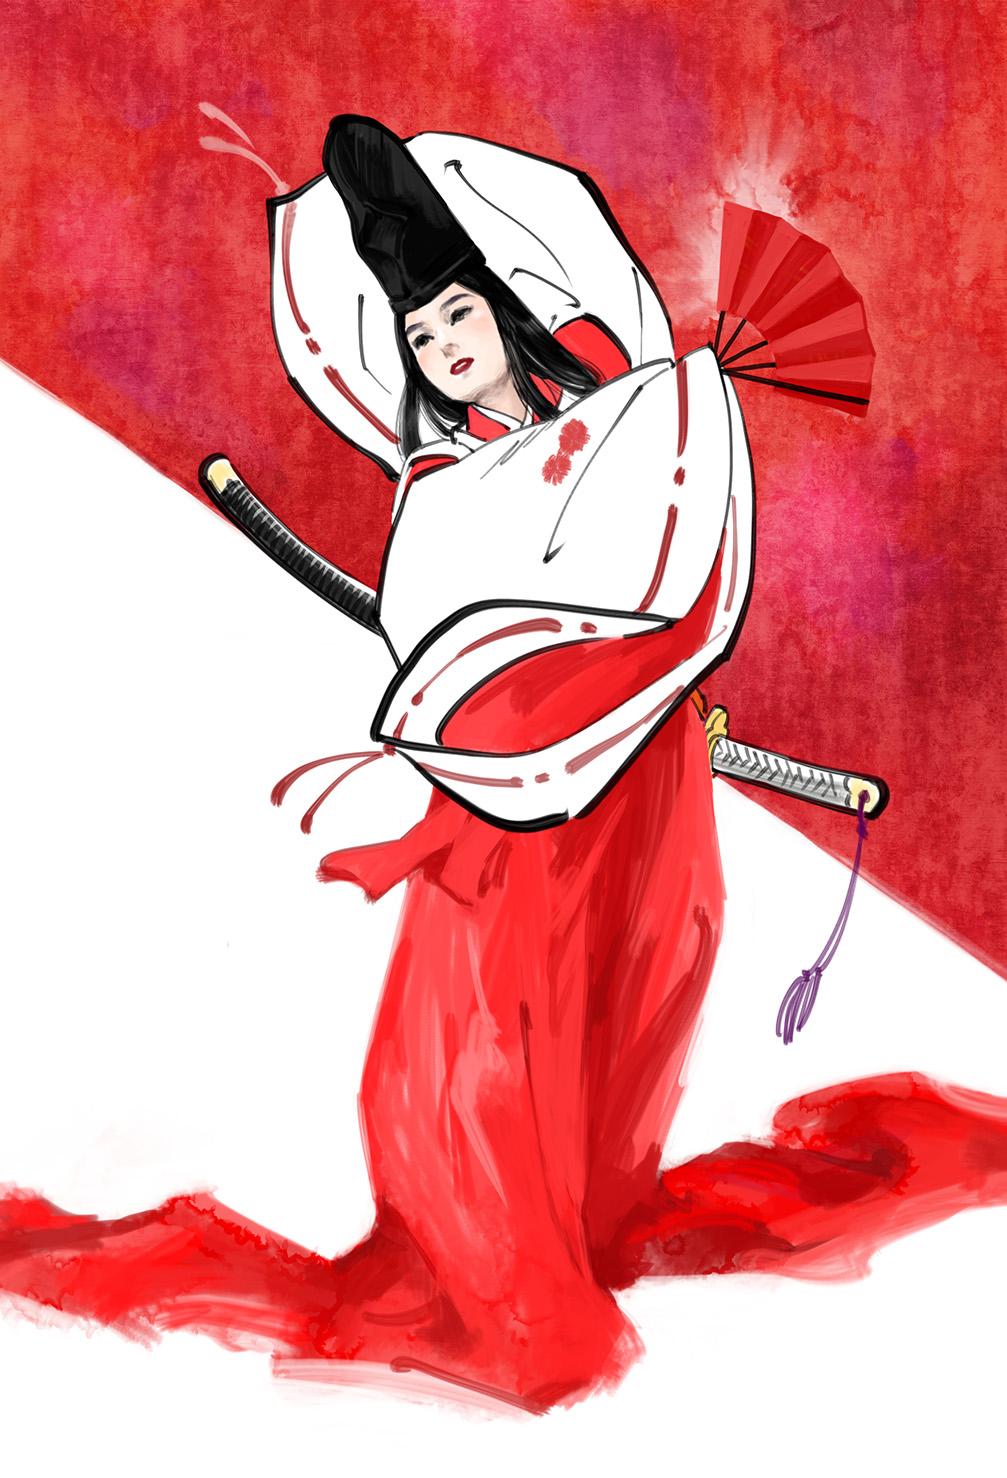 イラストレーター 黒澤葵さんが選ぶ 挿画 Best 10の画像10